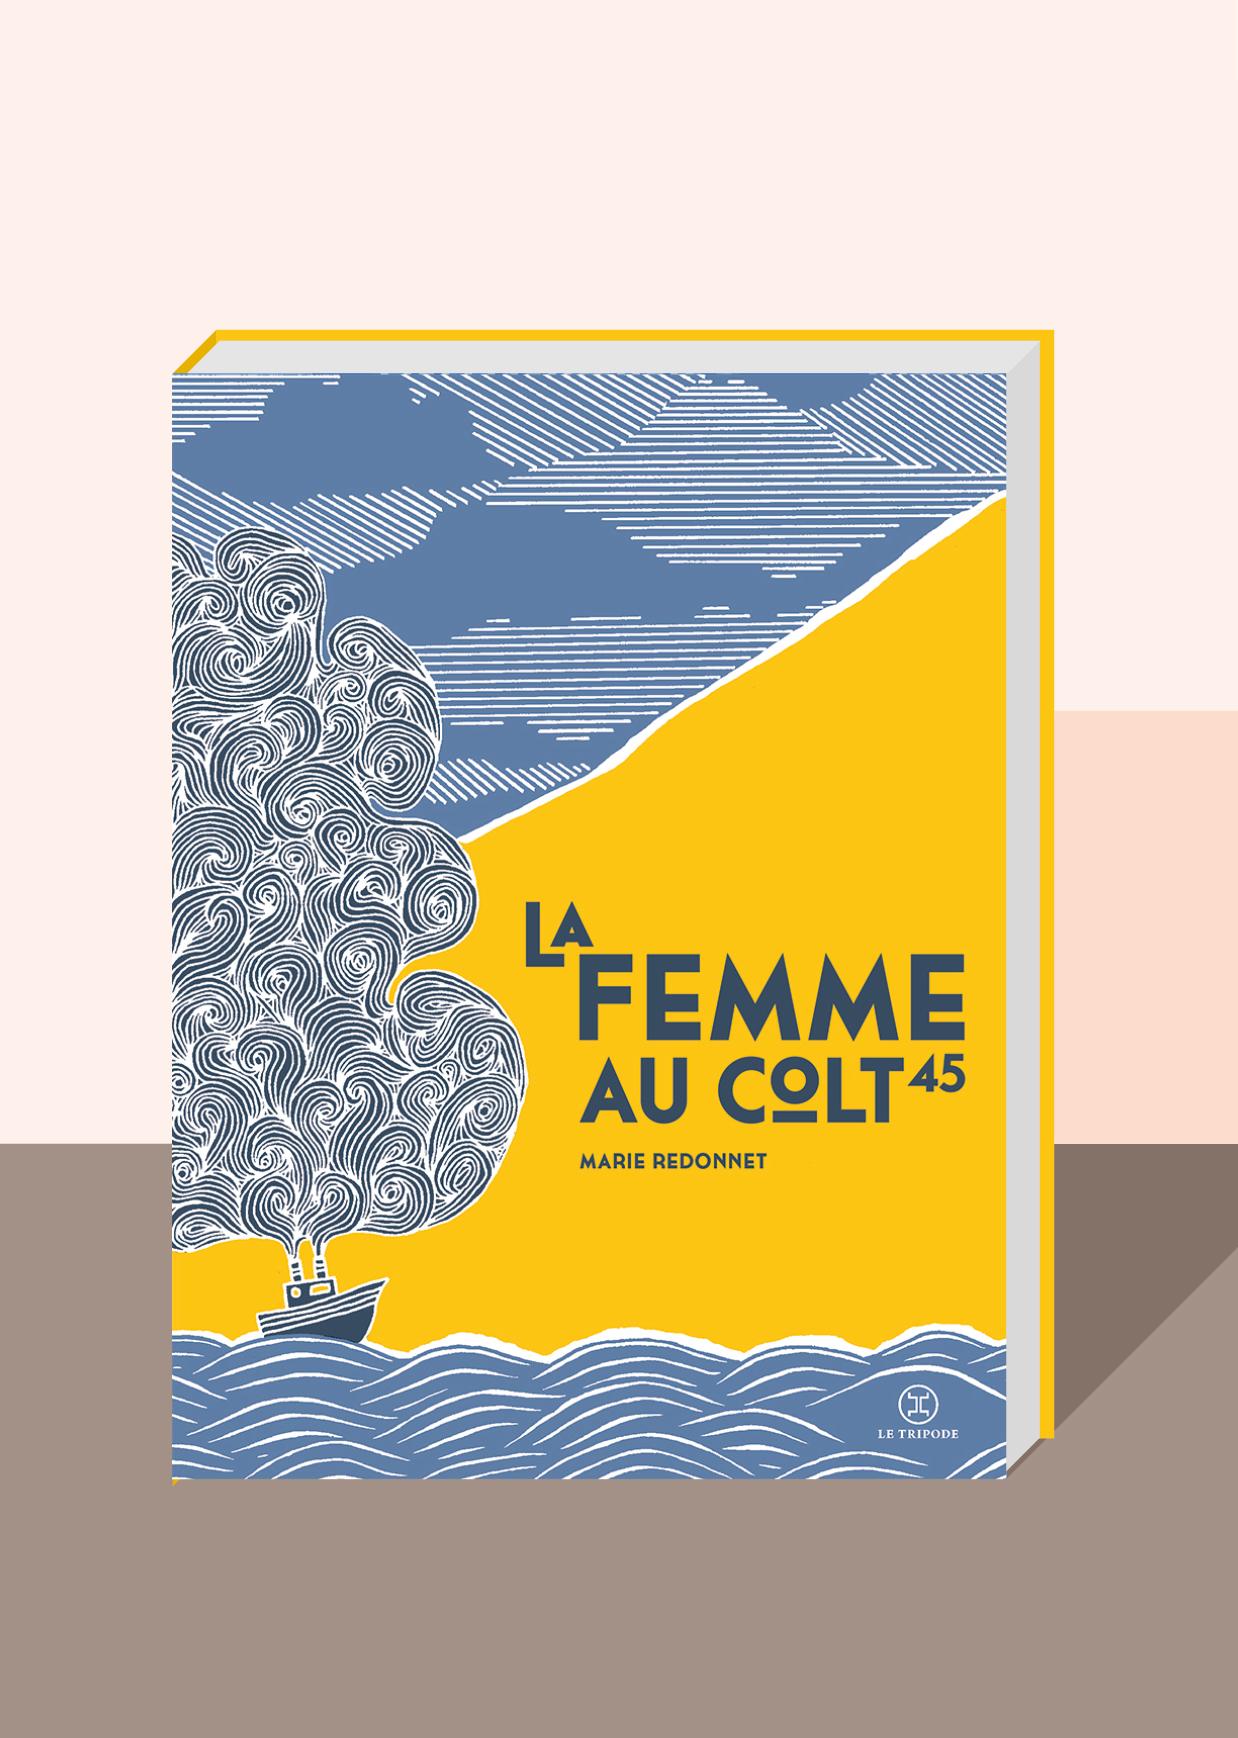 FEMME_AU_COLT_45